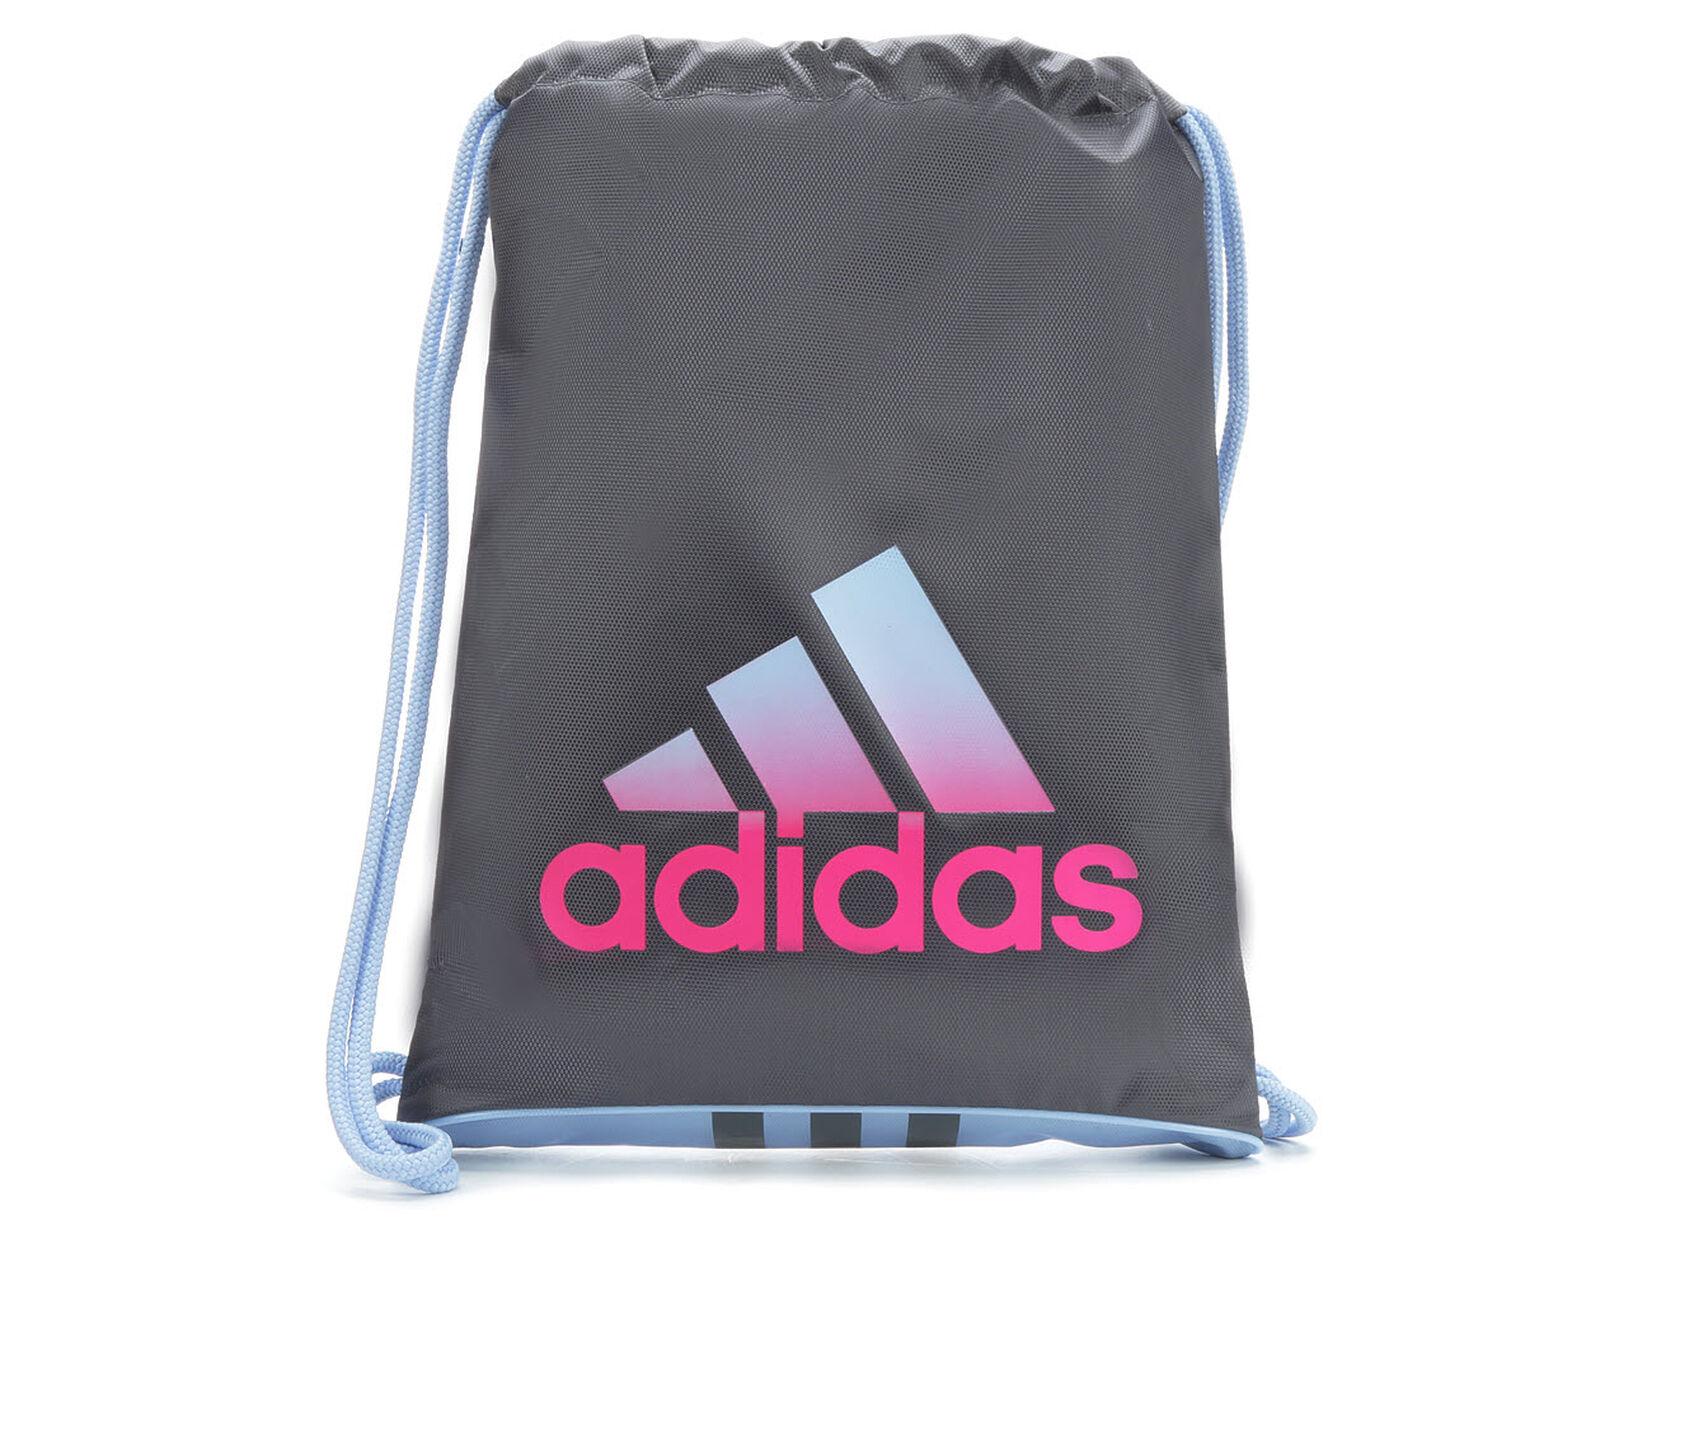 Adidas Burst Ii Sackpack Bag Drawstring